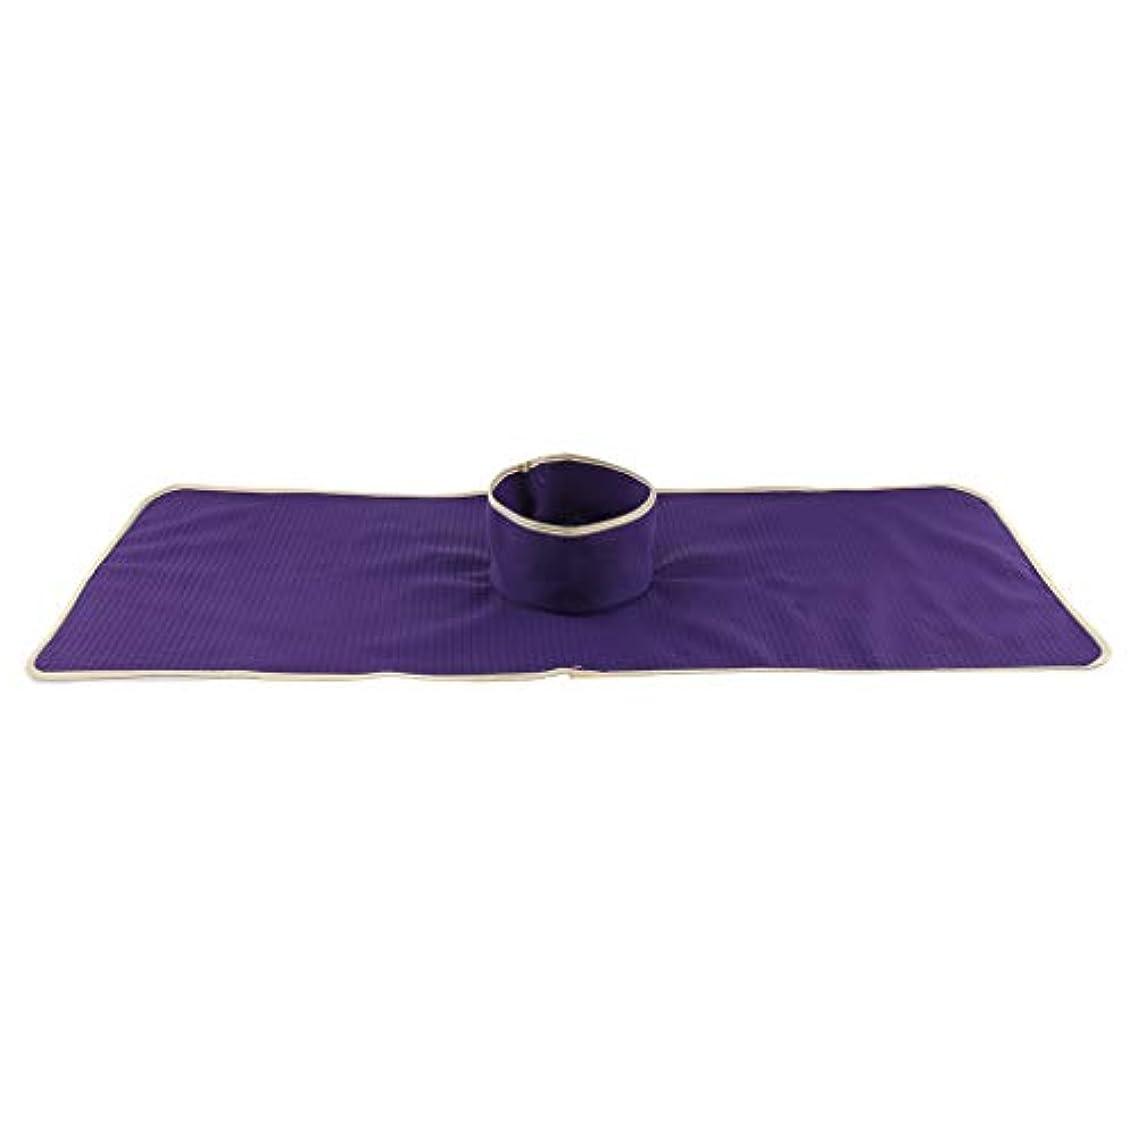 寛容な扇動エッセイFLAMEER マッサージのベッド用 パッド マット 顔の穴付き 洗える 約90×35cm 全3色 - 紫